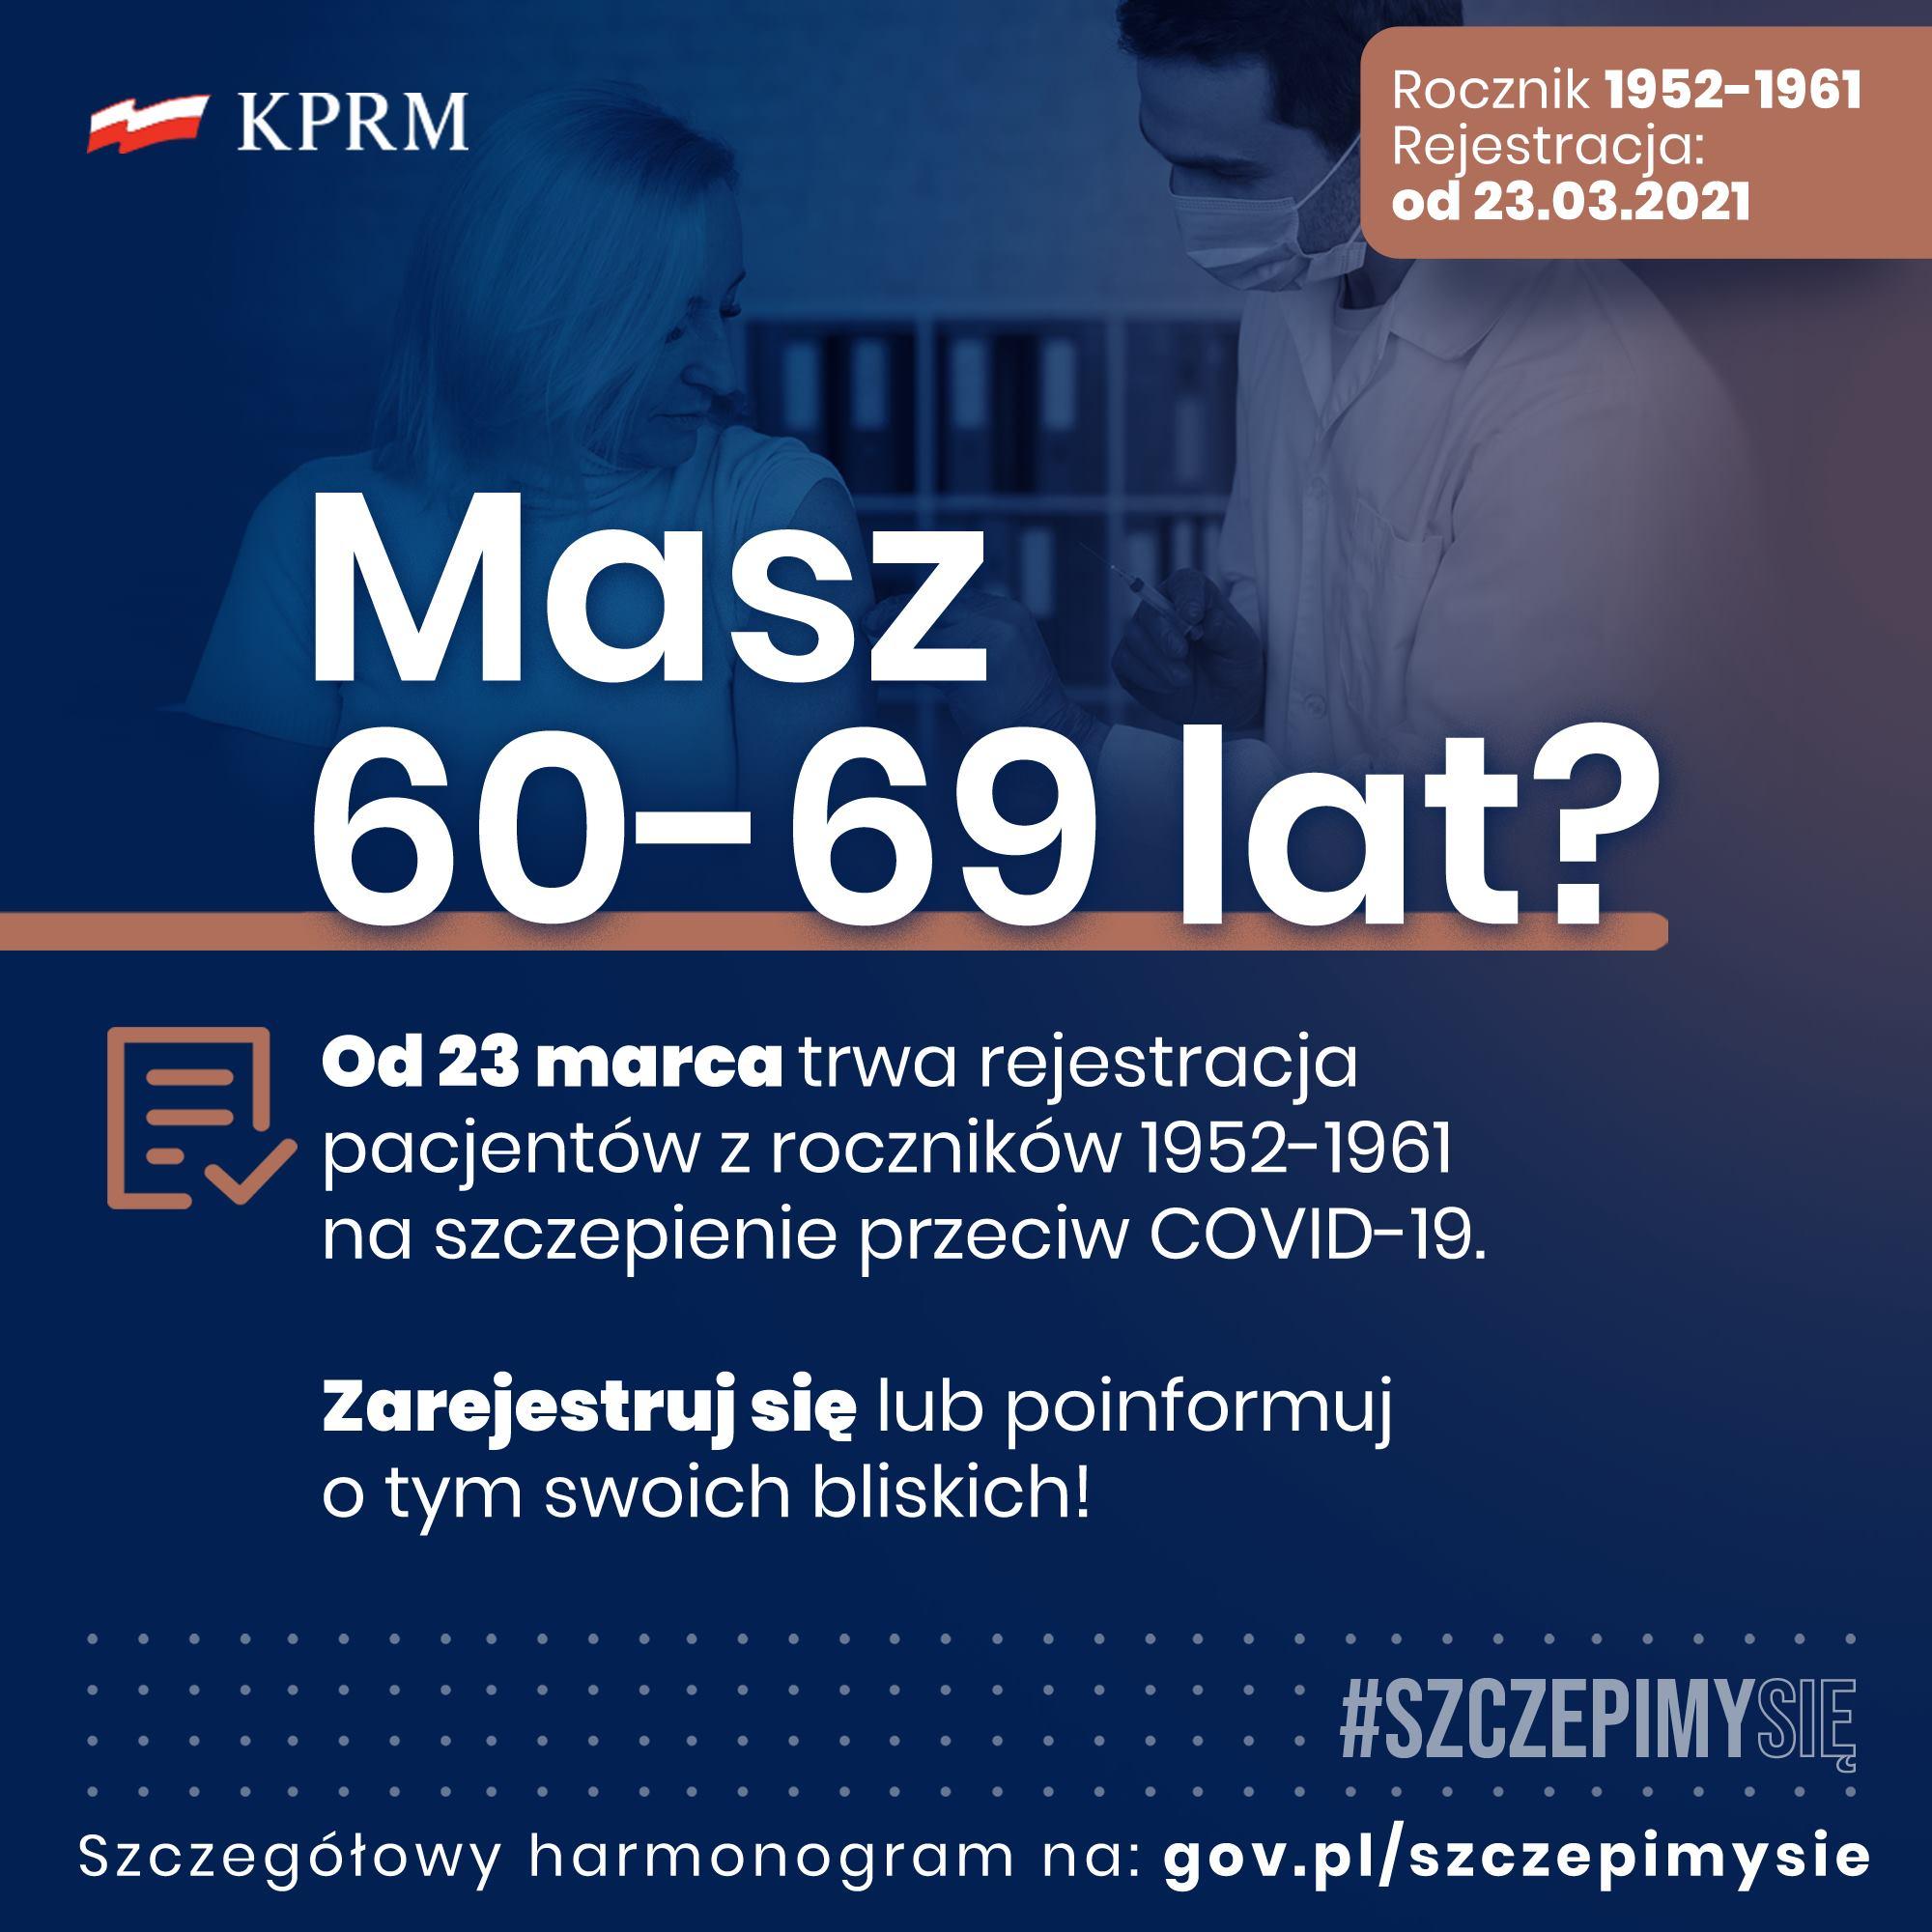 Trwa rejestracja pacjentów z roczników 1952 - 1961. Szczepienia przeciw covid-19